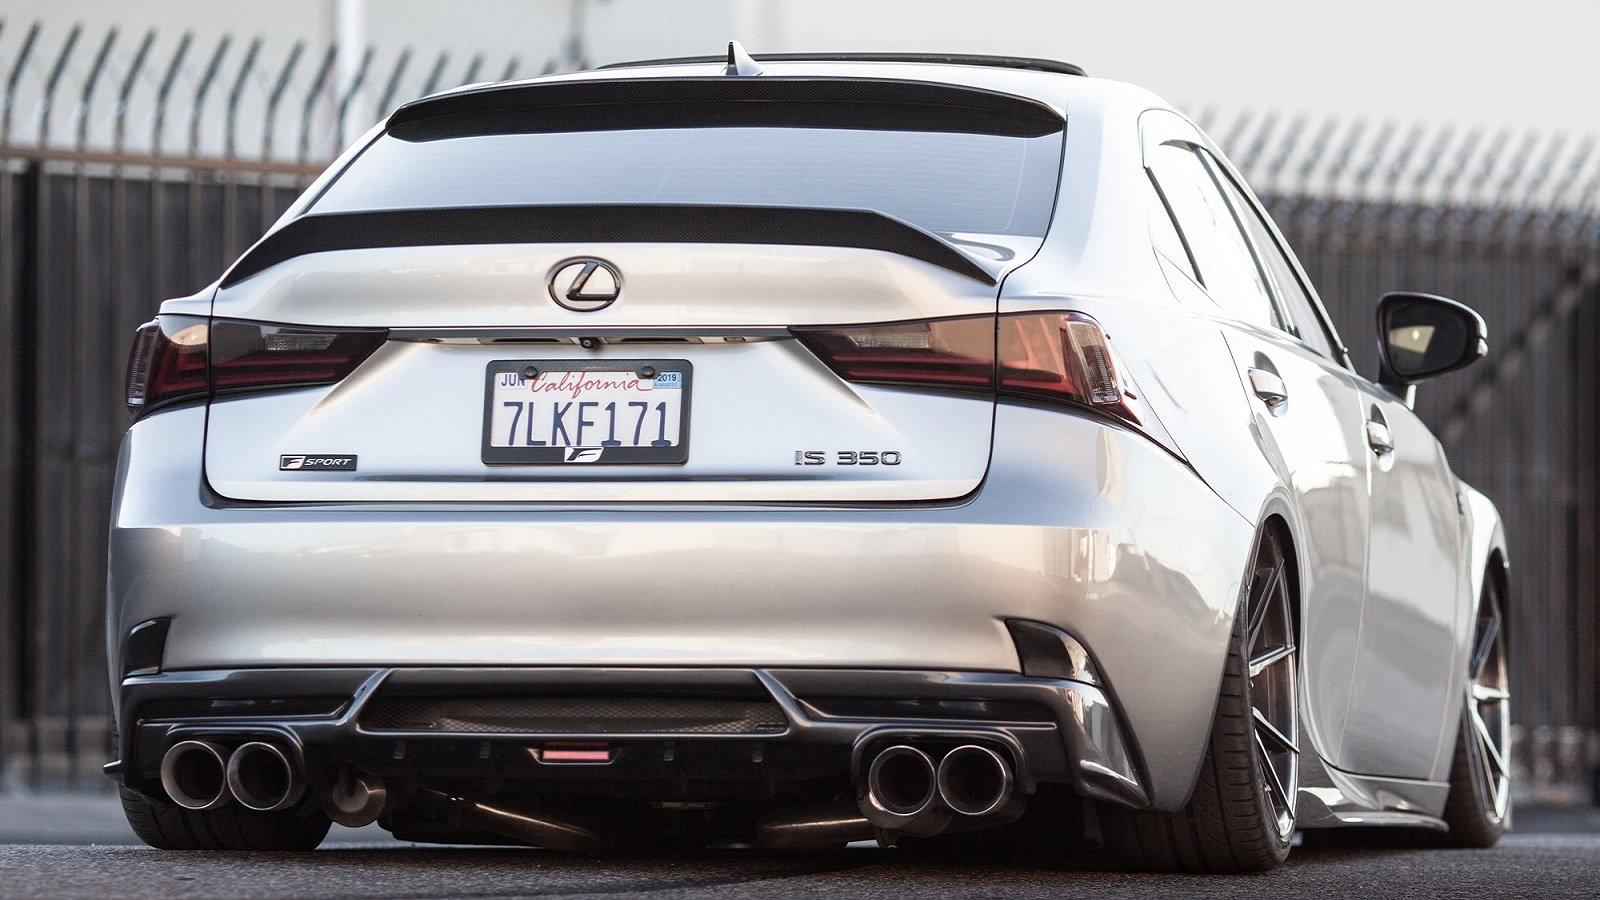 Slammed Lexus IS F Sport Is a Real Show Stopper